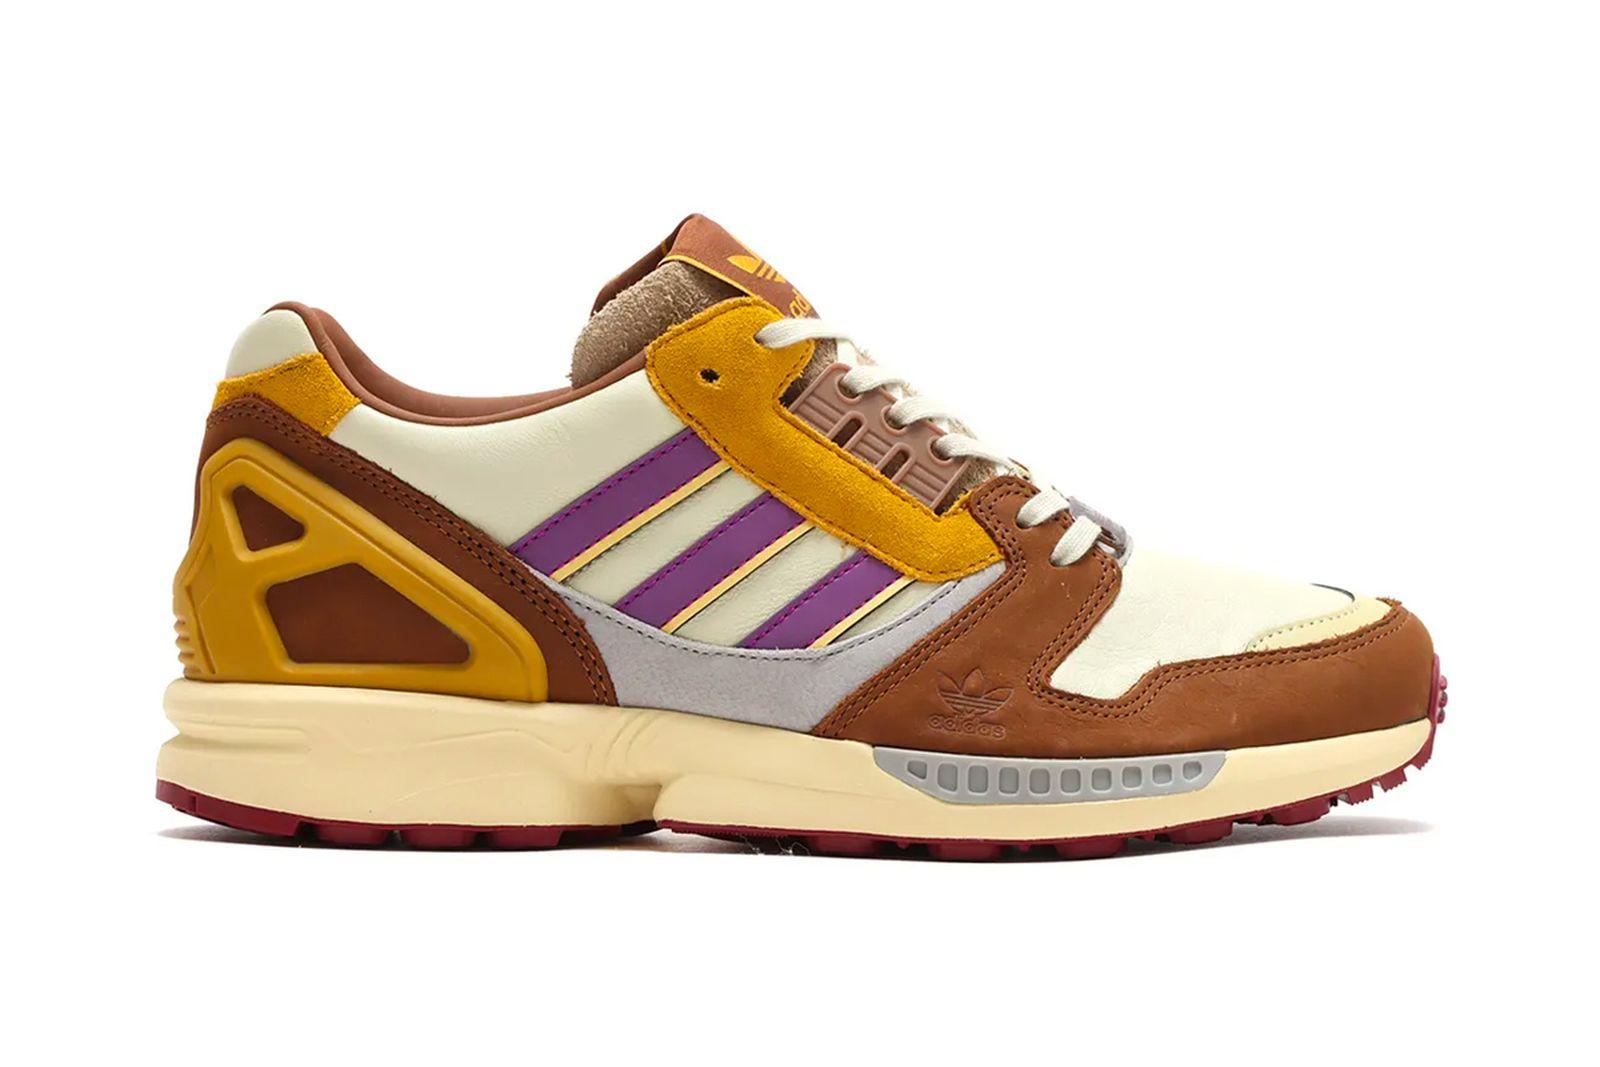 adidas-originals-atmos-yoyogi-park-pack-05